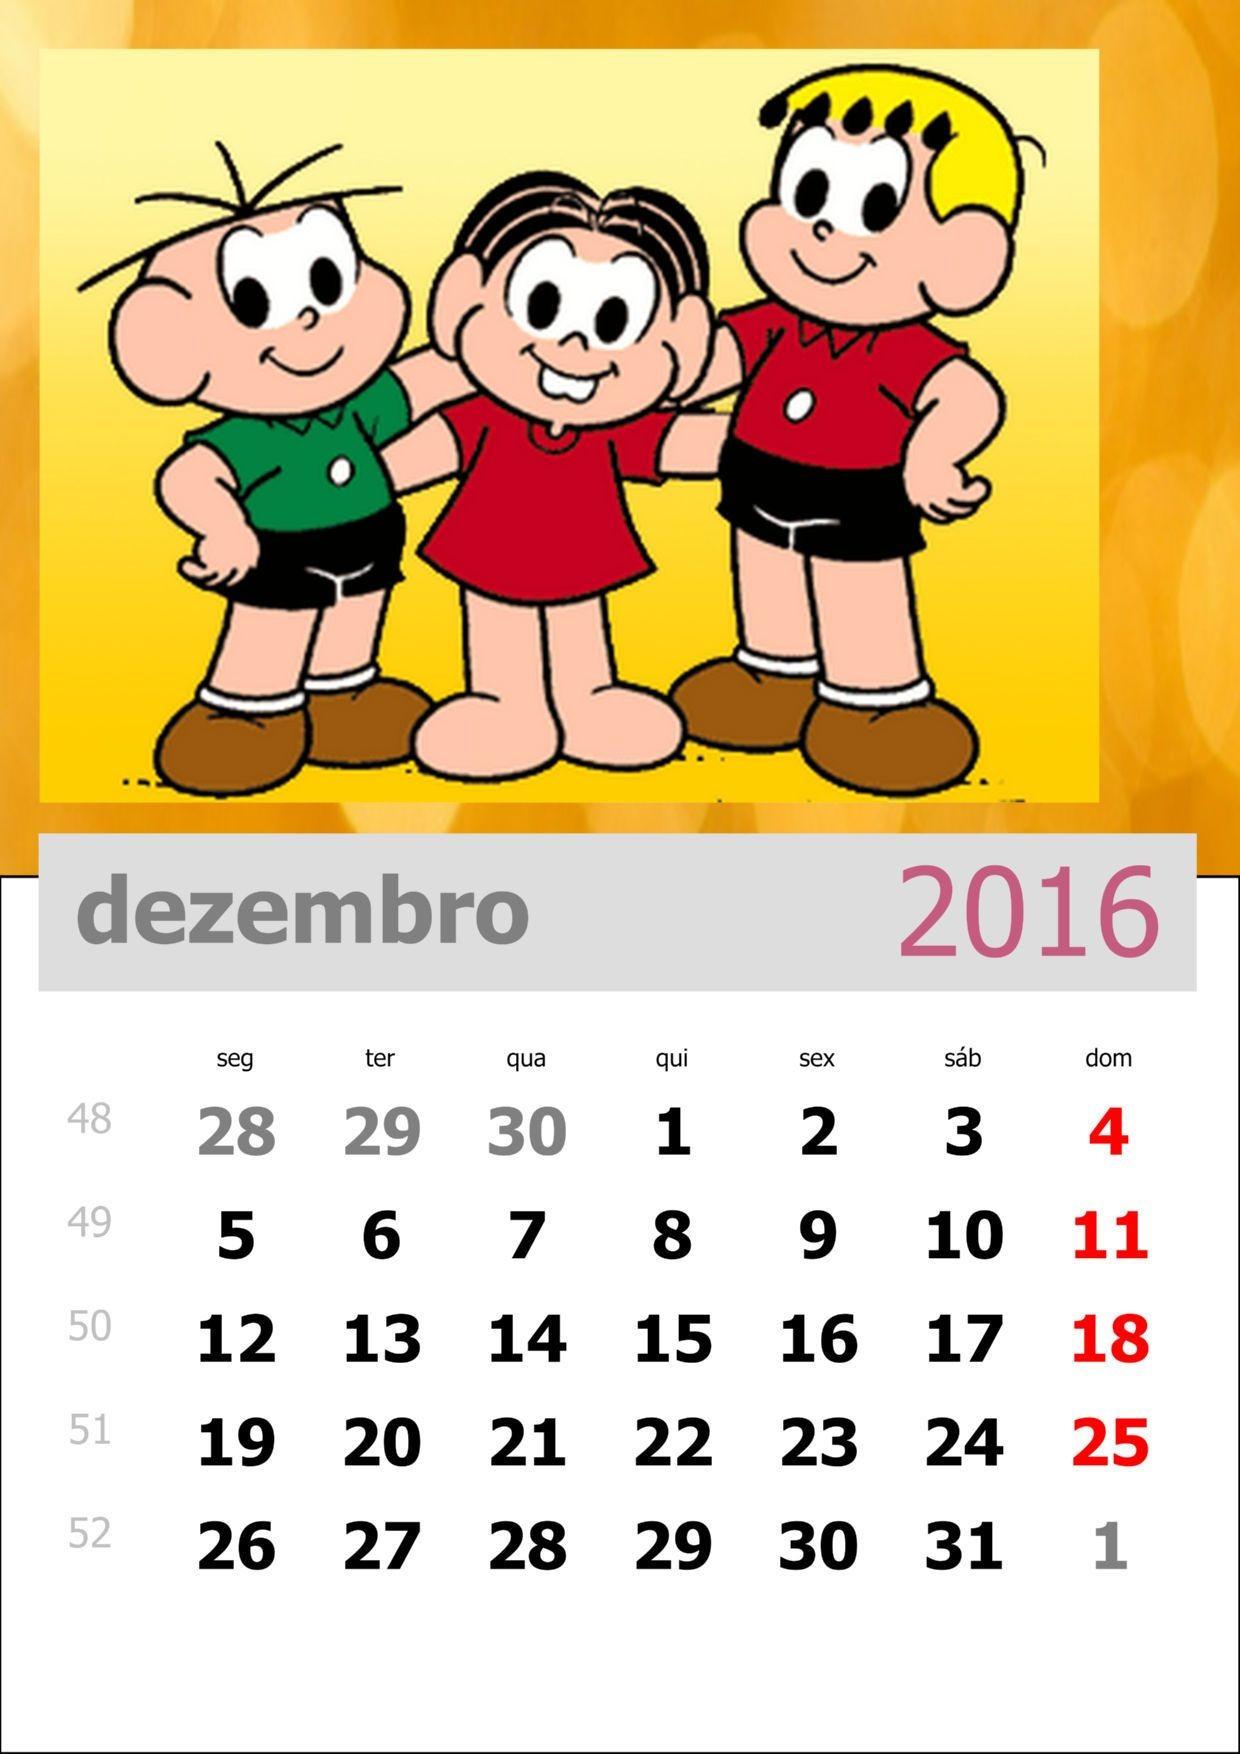 Calendario De Outubro 2017 Para Imprimir Más Caliente Clau Claudirenemanzo On Pinterest Of Calendario De Outubro 2017 Para Imprimir Más Actual Pin De Ana Rodriguez En Planificador Mensual Imprimible